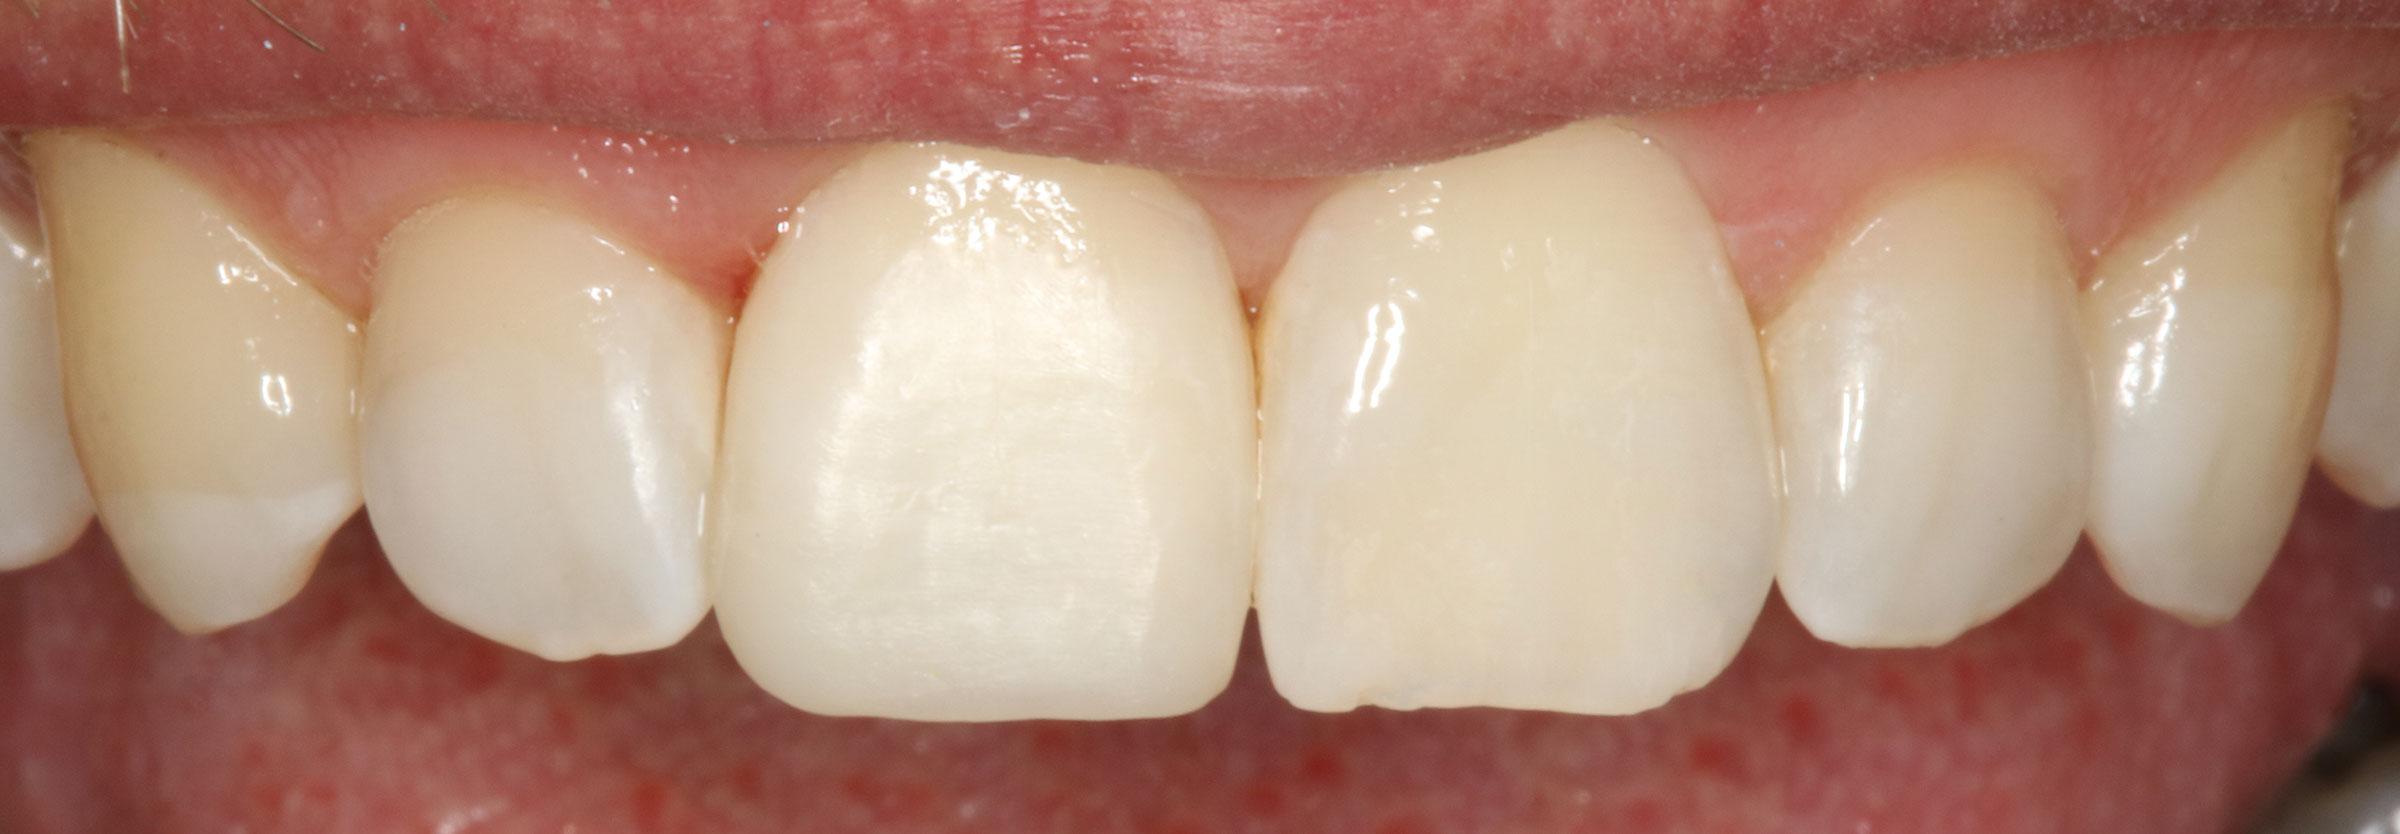 11-bleichen-und-komposit-lippenlinie